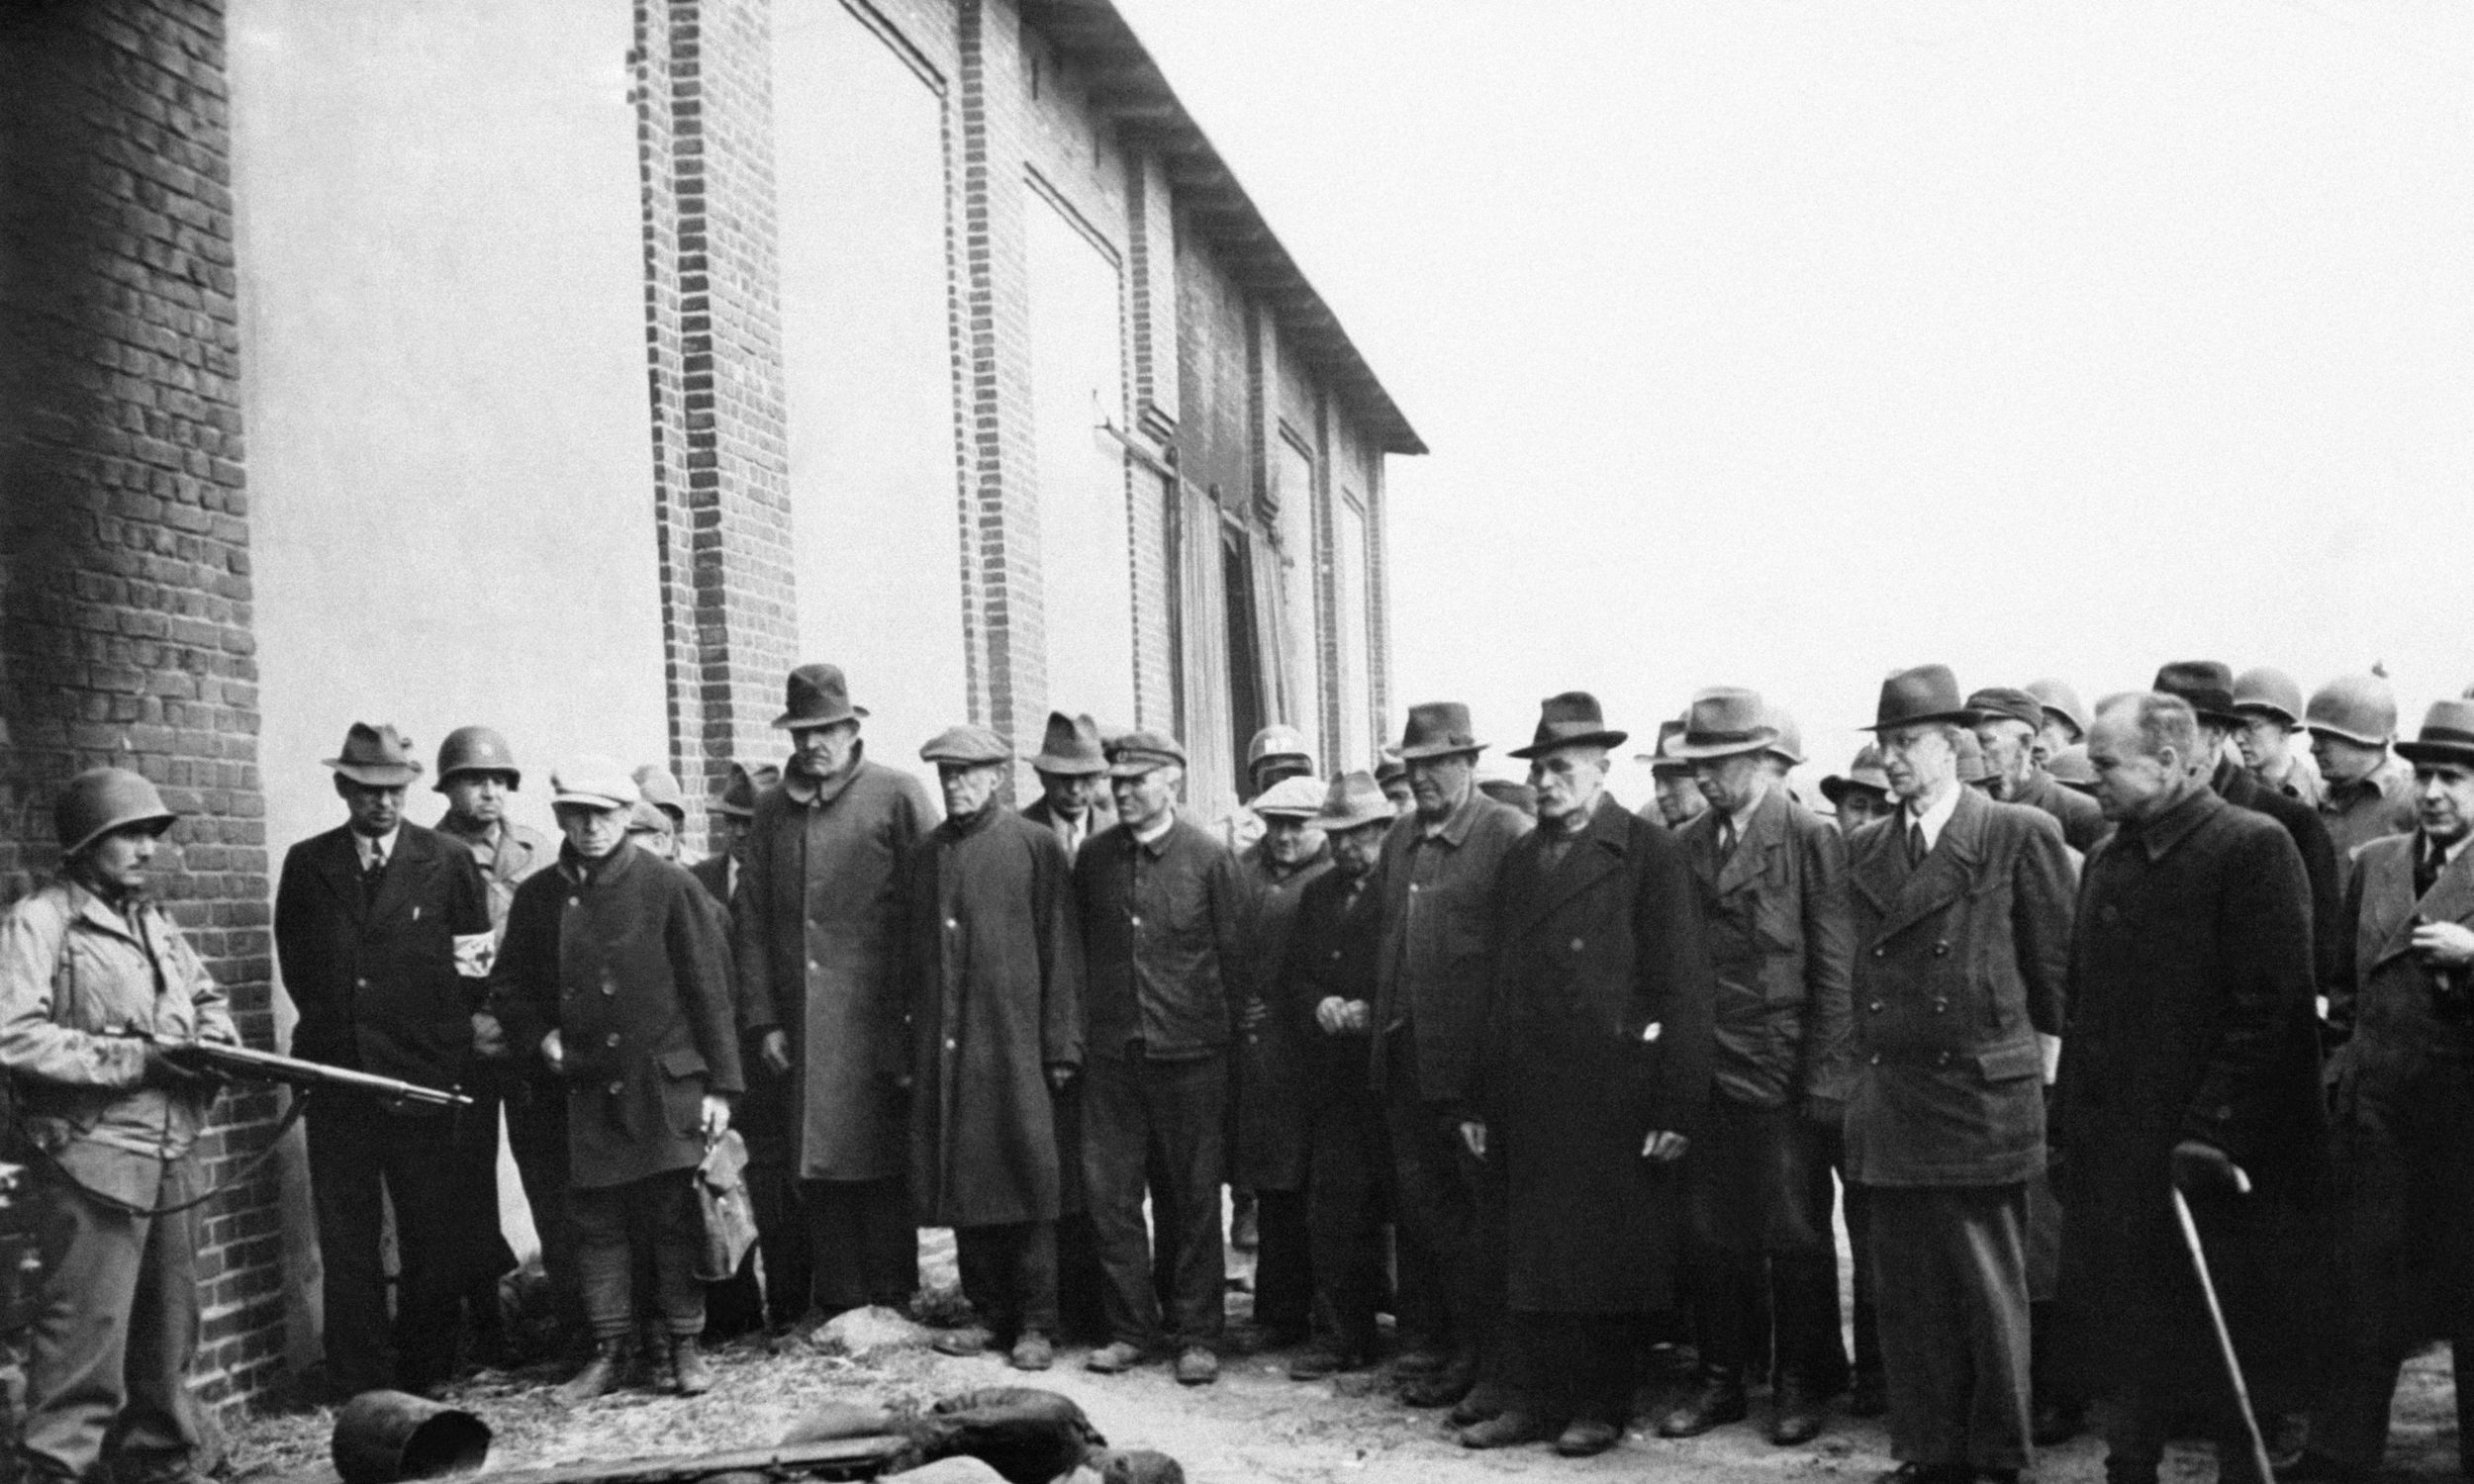 """Amerykański pułkownik George Lynch mówił do mieszkańców Gardelegen: """"Niektórzy powiedzą, że to dzieło nazistów. Inni wskażą na gestapo. Odpowiedzialność za to nie spoczywa jednak na żadnym na nich – odpowiedzialność ponoszą wszyscy Niemcy. Straciliście szacunek cywilizowanego świata"""". Na zdjęciu niemiecka ludność przyprowadzona przez Amerykanów do spalonej stodoły. Fot.  Keystone-France/Gamma-Rapho via Getty Images"""